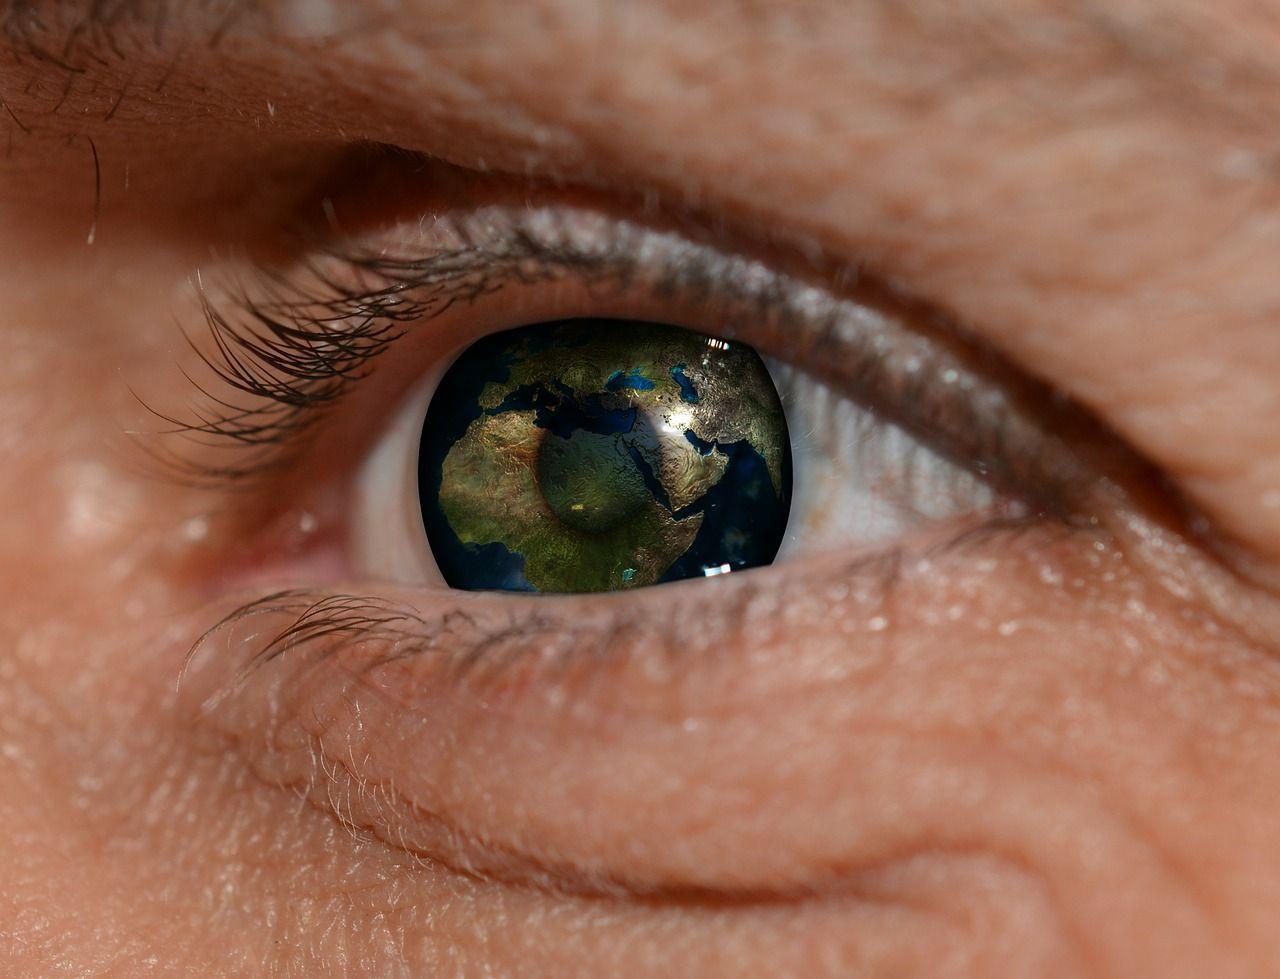 eye-231633_1280.jpg